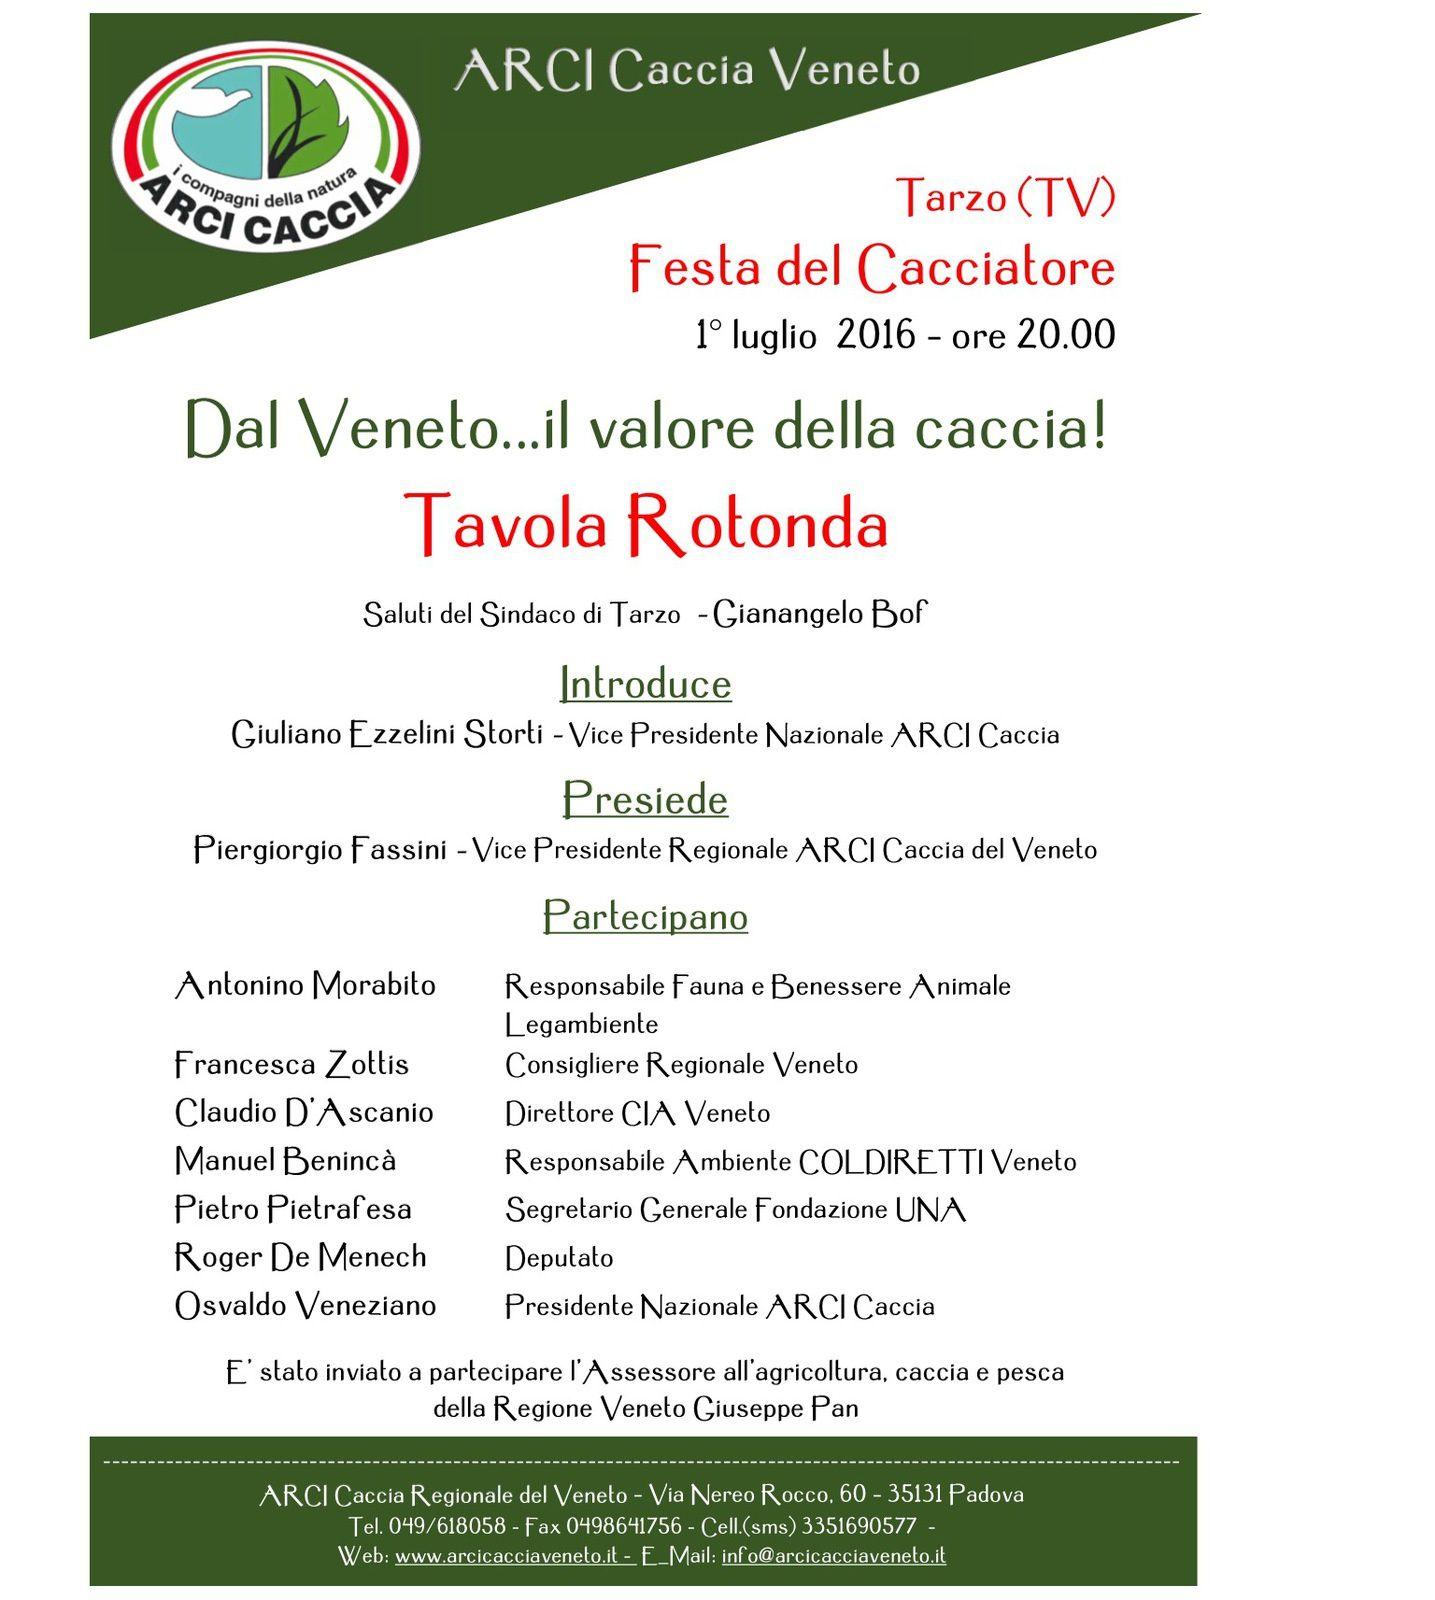 """Corbanese di Tarzo ( TV)  1 Luglio Tavola Rotonda Festa del Cacciatore """"Dal Veneto... Il valore della Caccia!"""""""